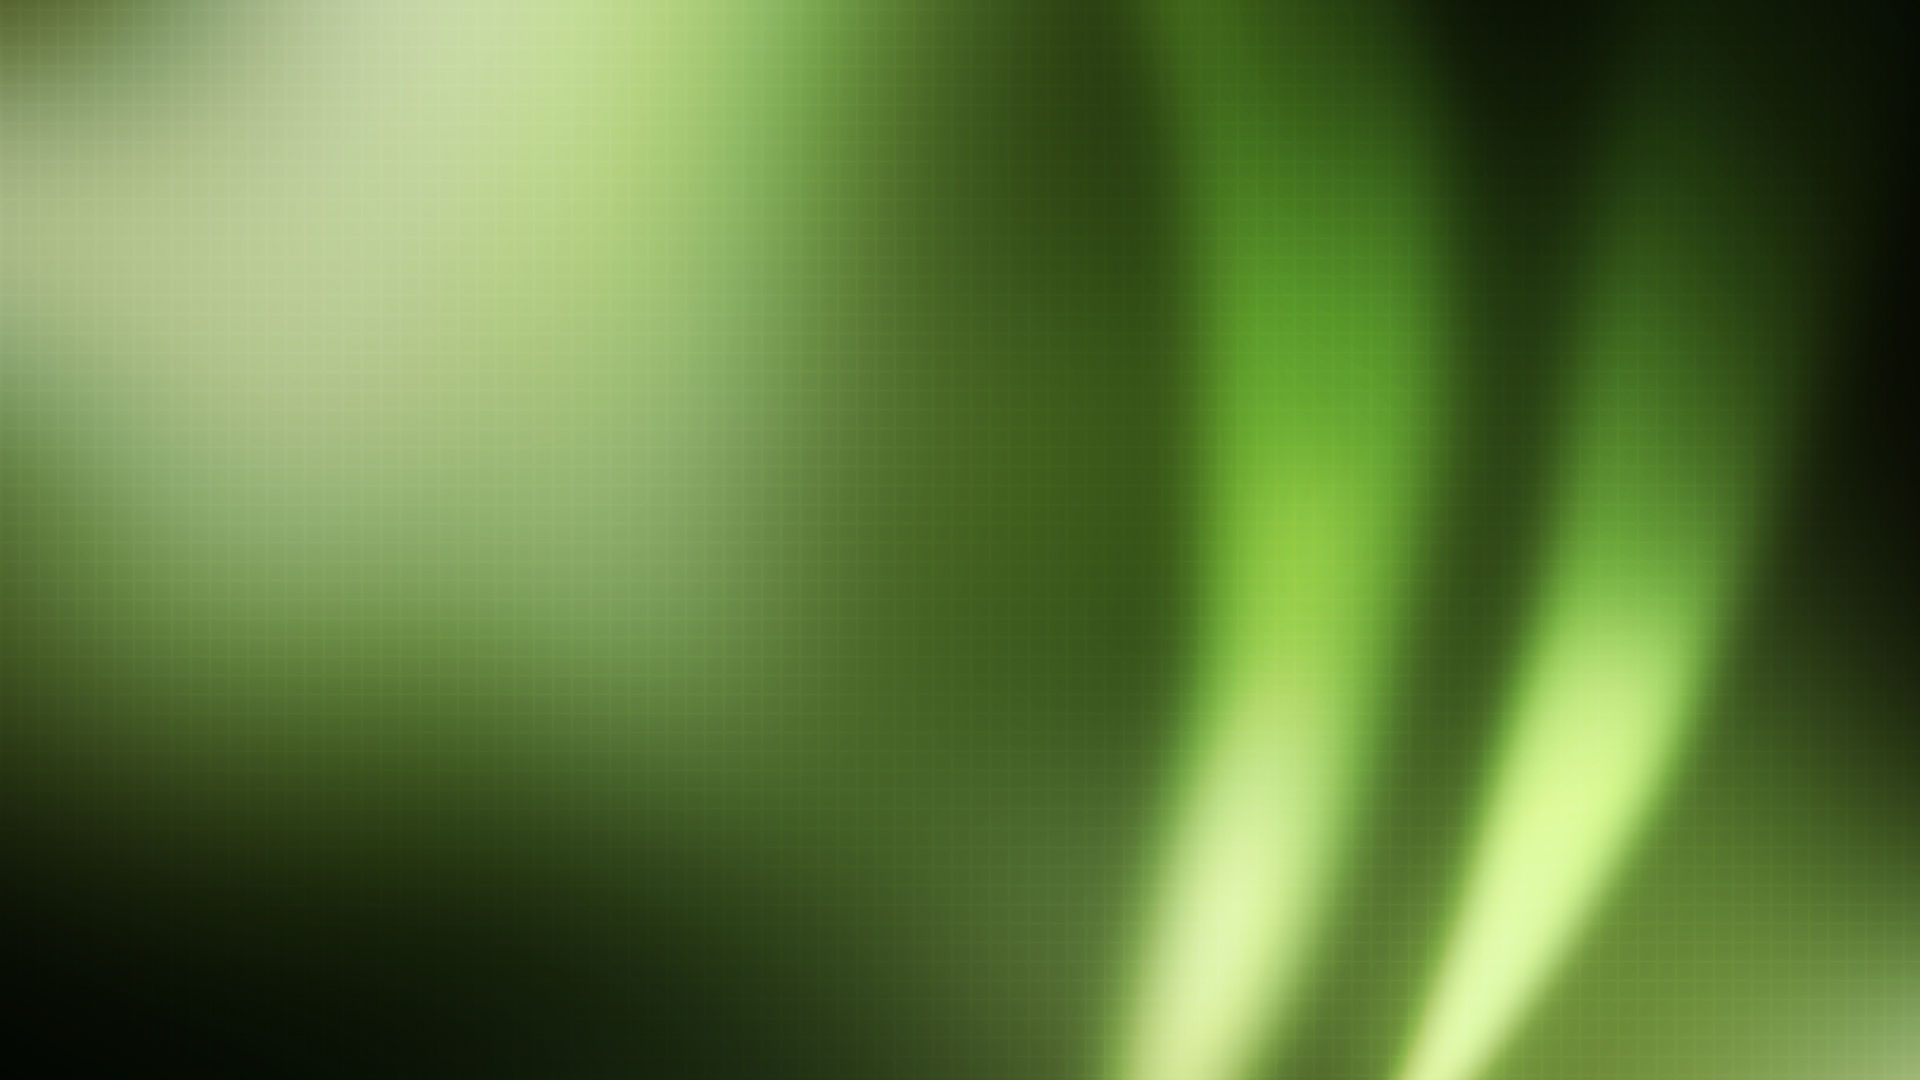 Green Wallpaper 125